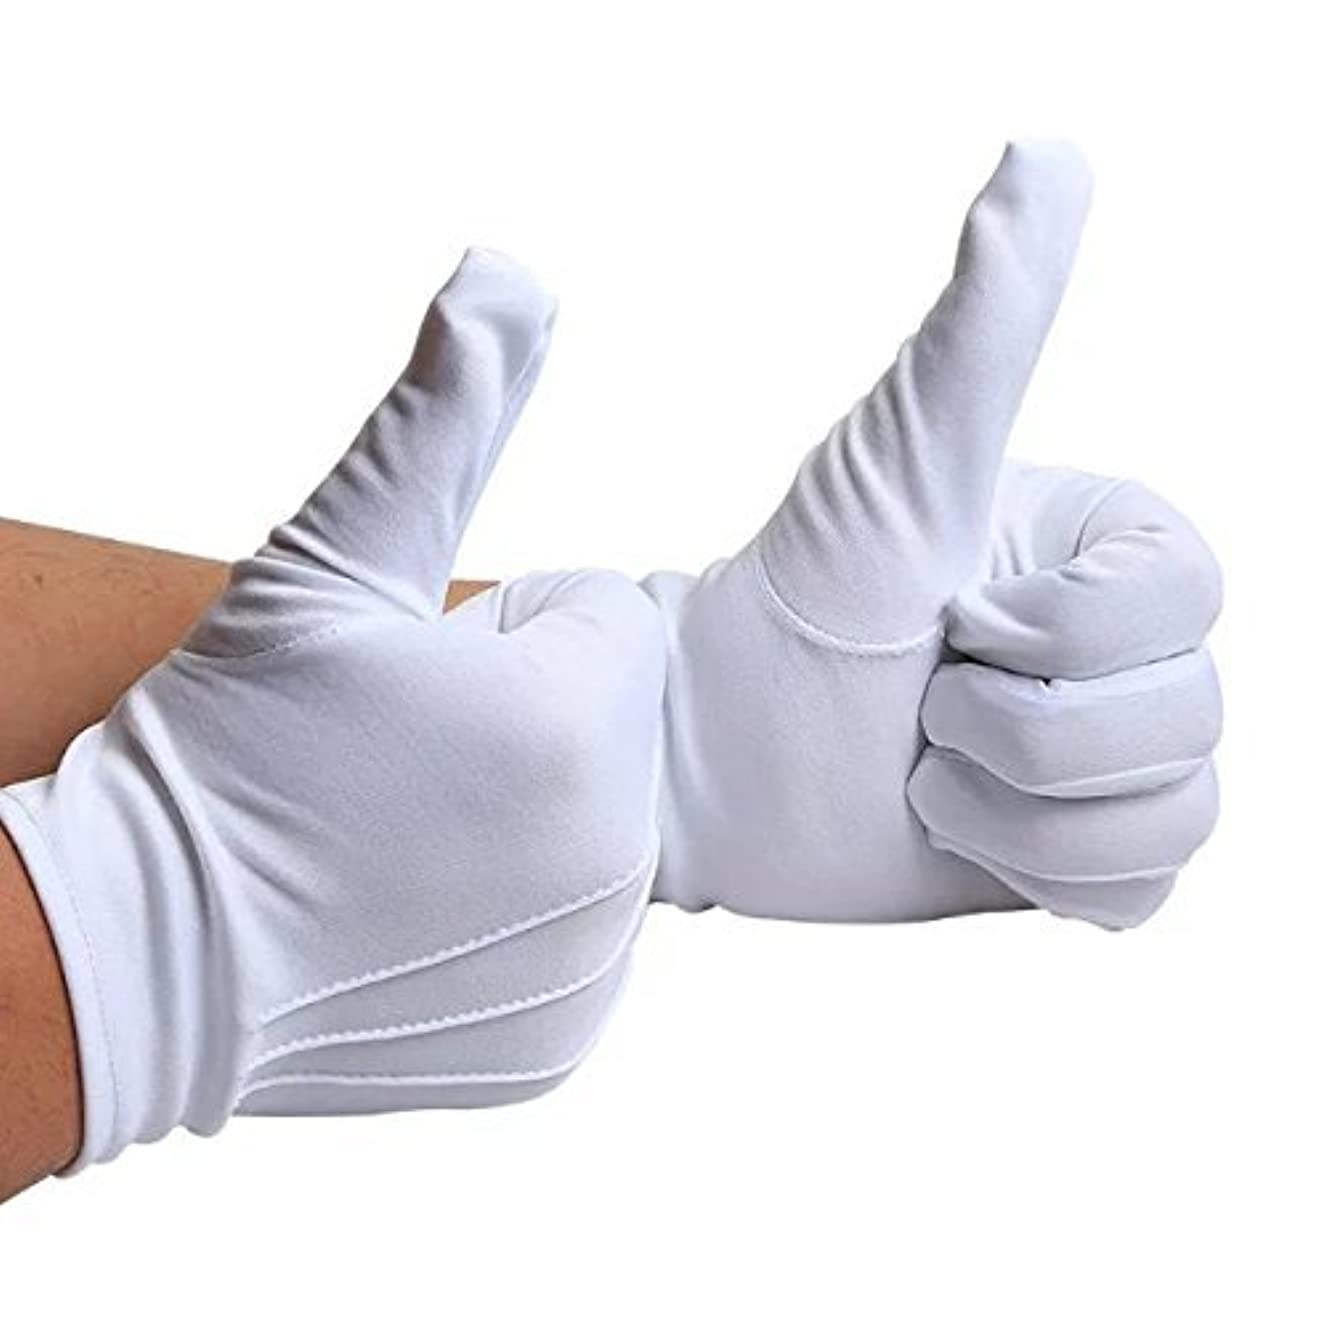 パラメータエンドテーブル水を飲む【10双組セット】 ナイロン 手袋 白 紳士 水洗い可 スリット無し